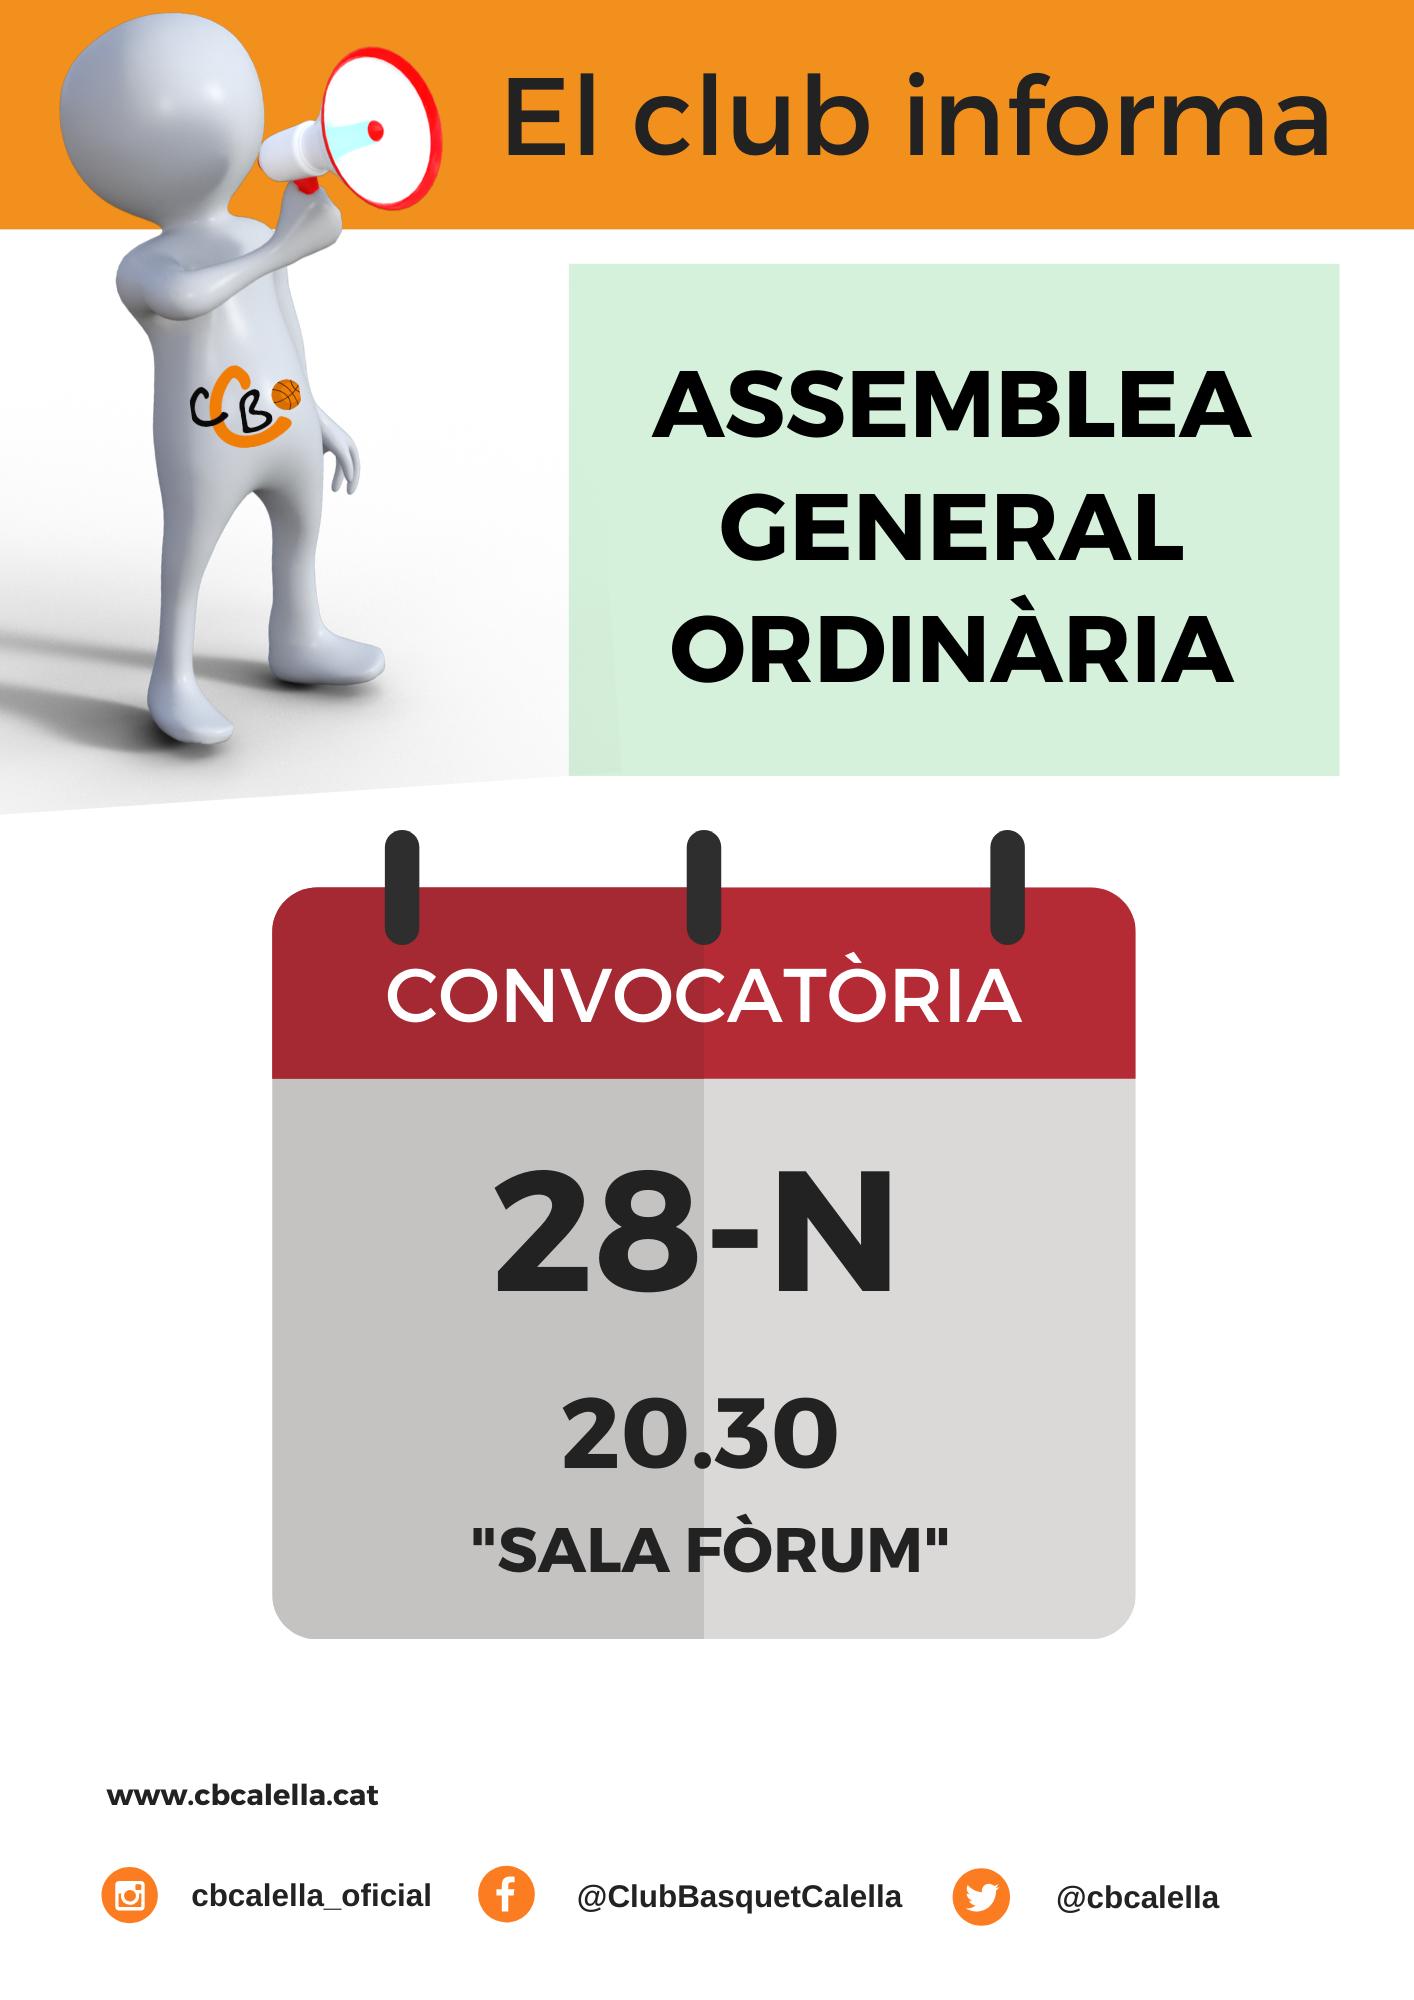 CB Calella - El club informa [8]